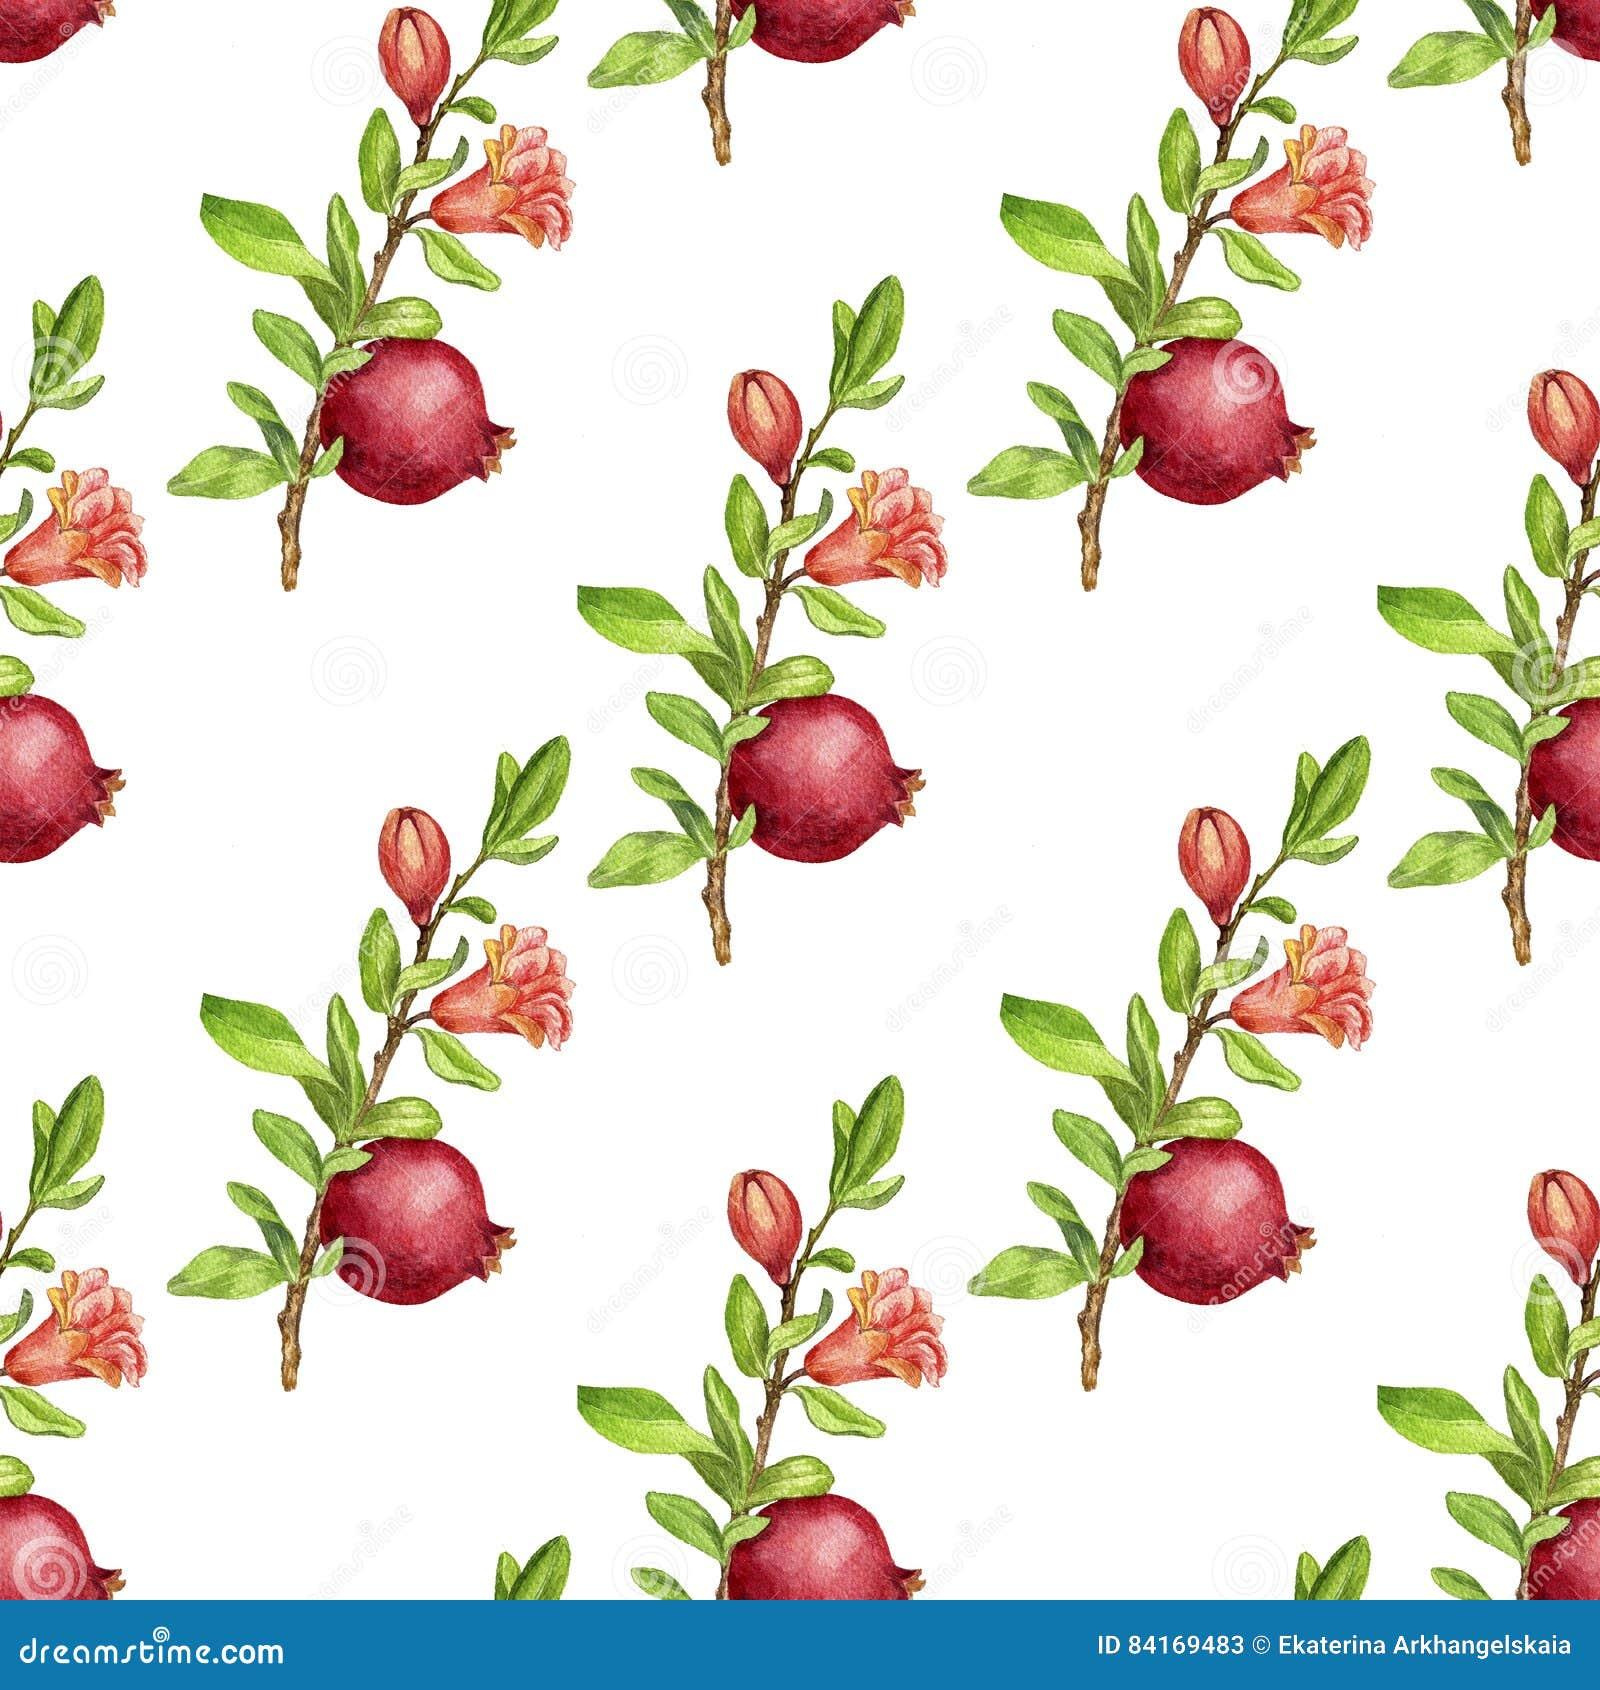 1300 x 1390 jpeg 225kBPomegranate